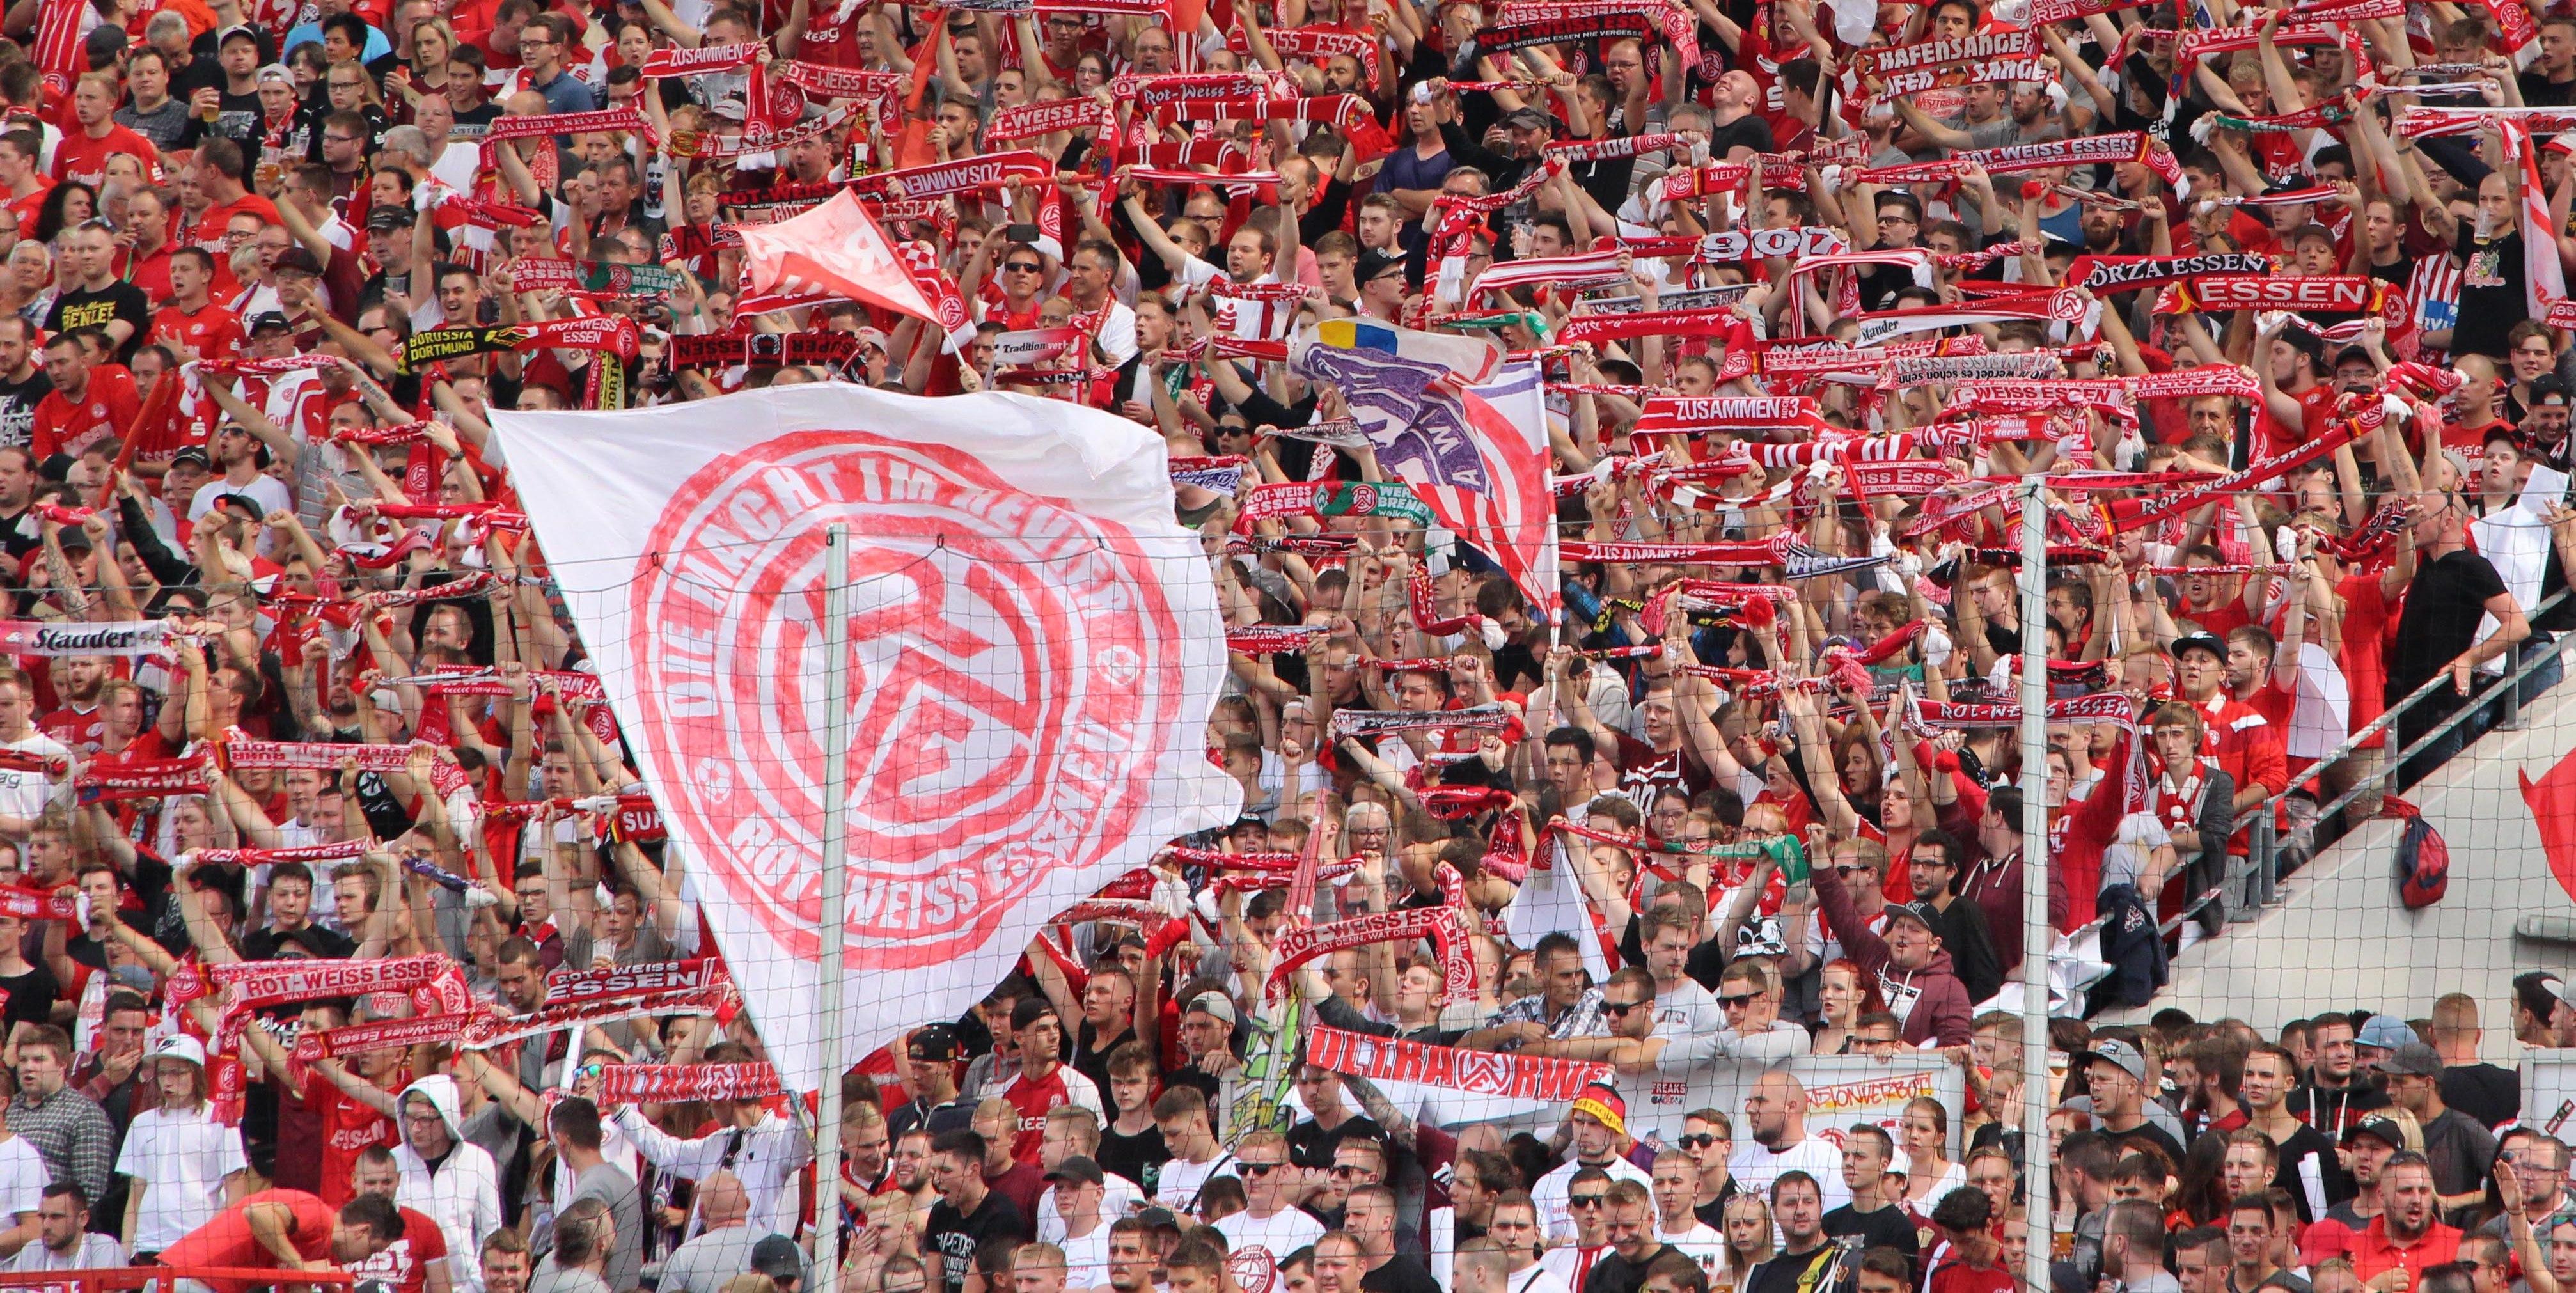 Am Mittwoch, den 26.09., trifft RWE auswärts auf die U23 von Borussia Mönchengladbach.